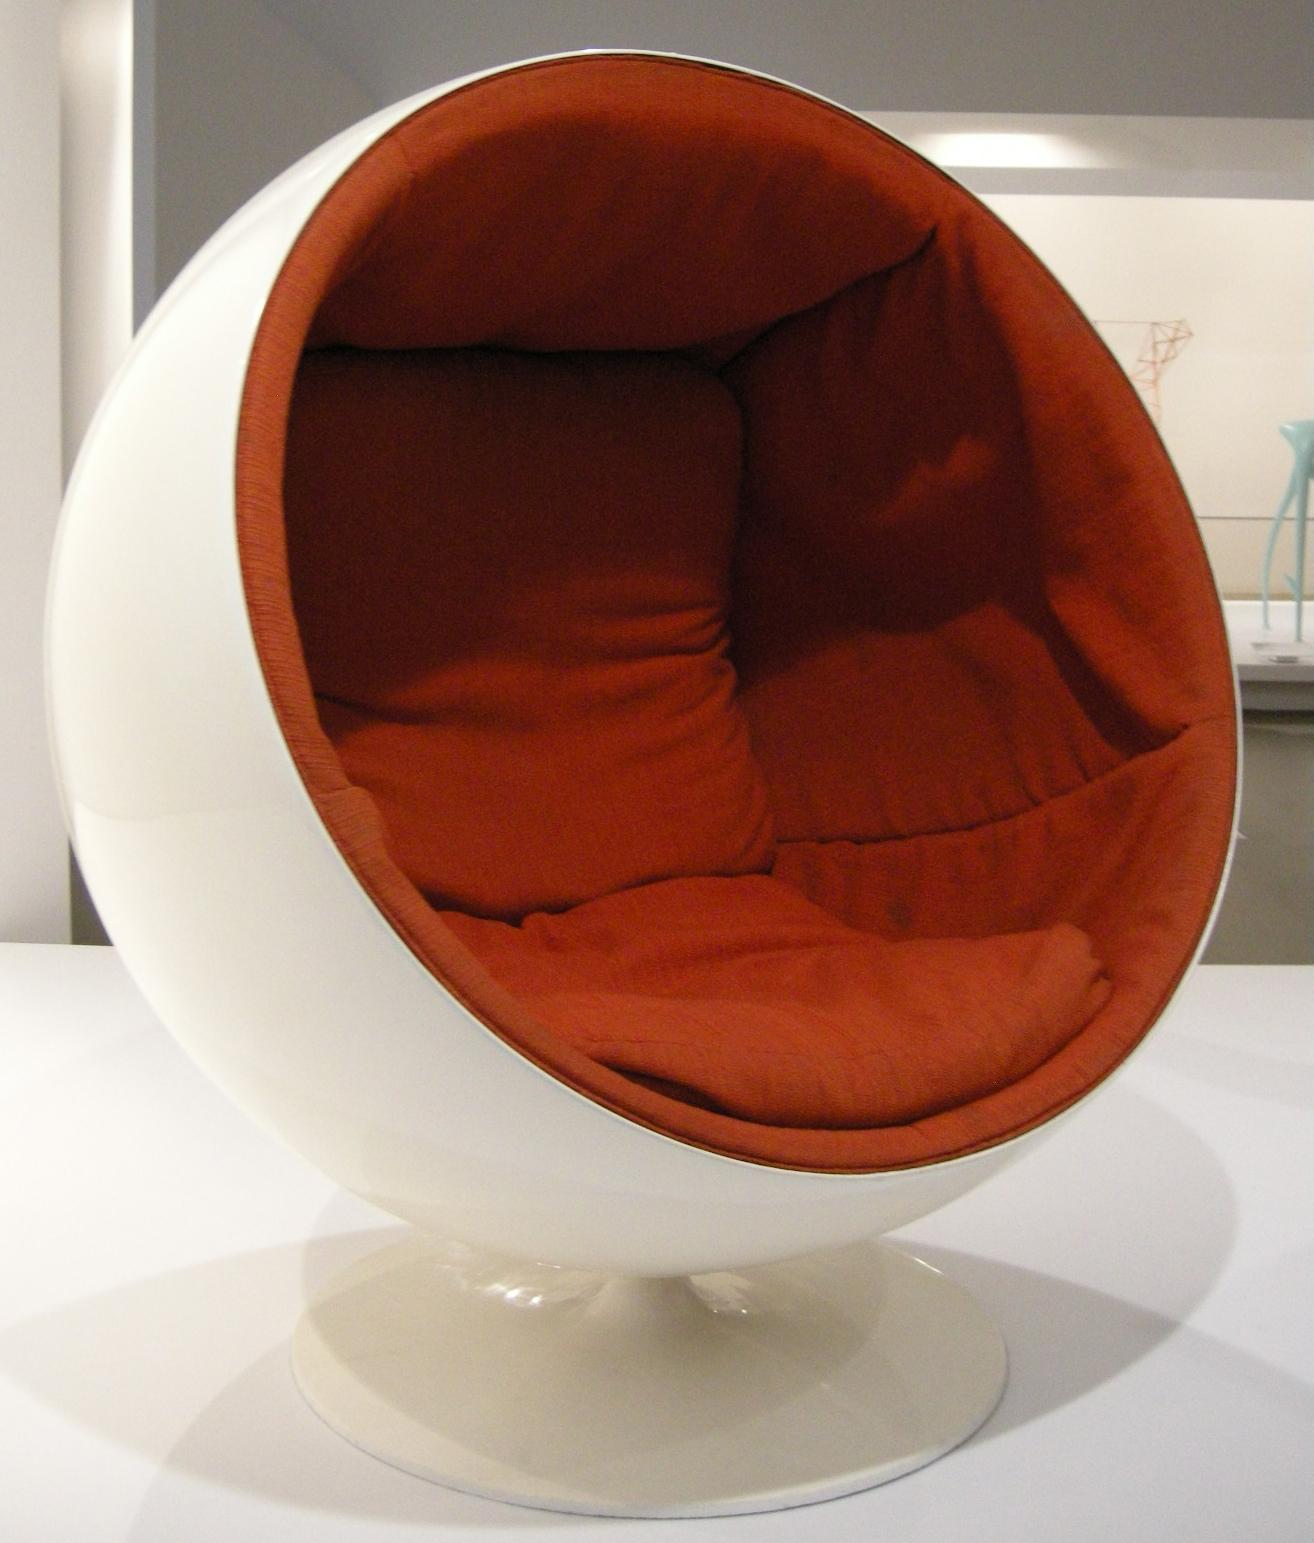 file ngv design eero aarnio globe chair 1963 65 01 jpg wikimedia